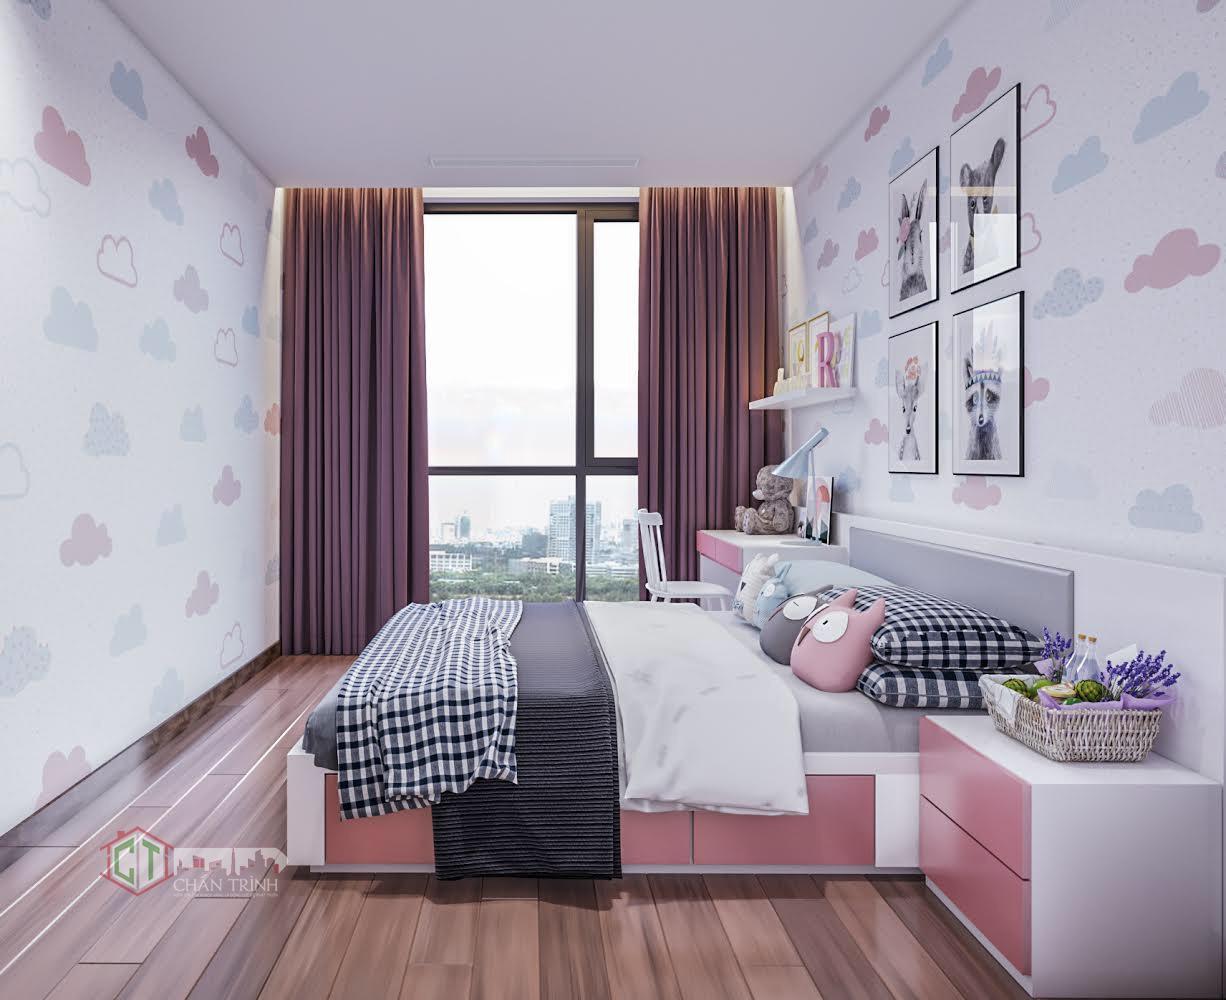 Hình ảnh căn hộ 2 phòng ngủ Vinhomes Central Park - Phòng ngủ 2